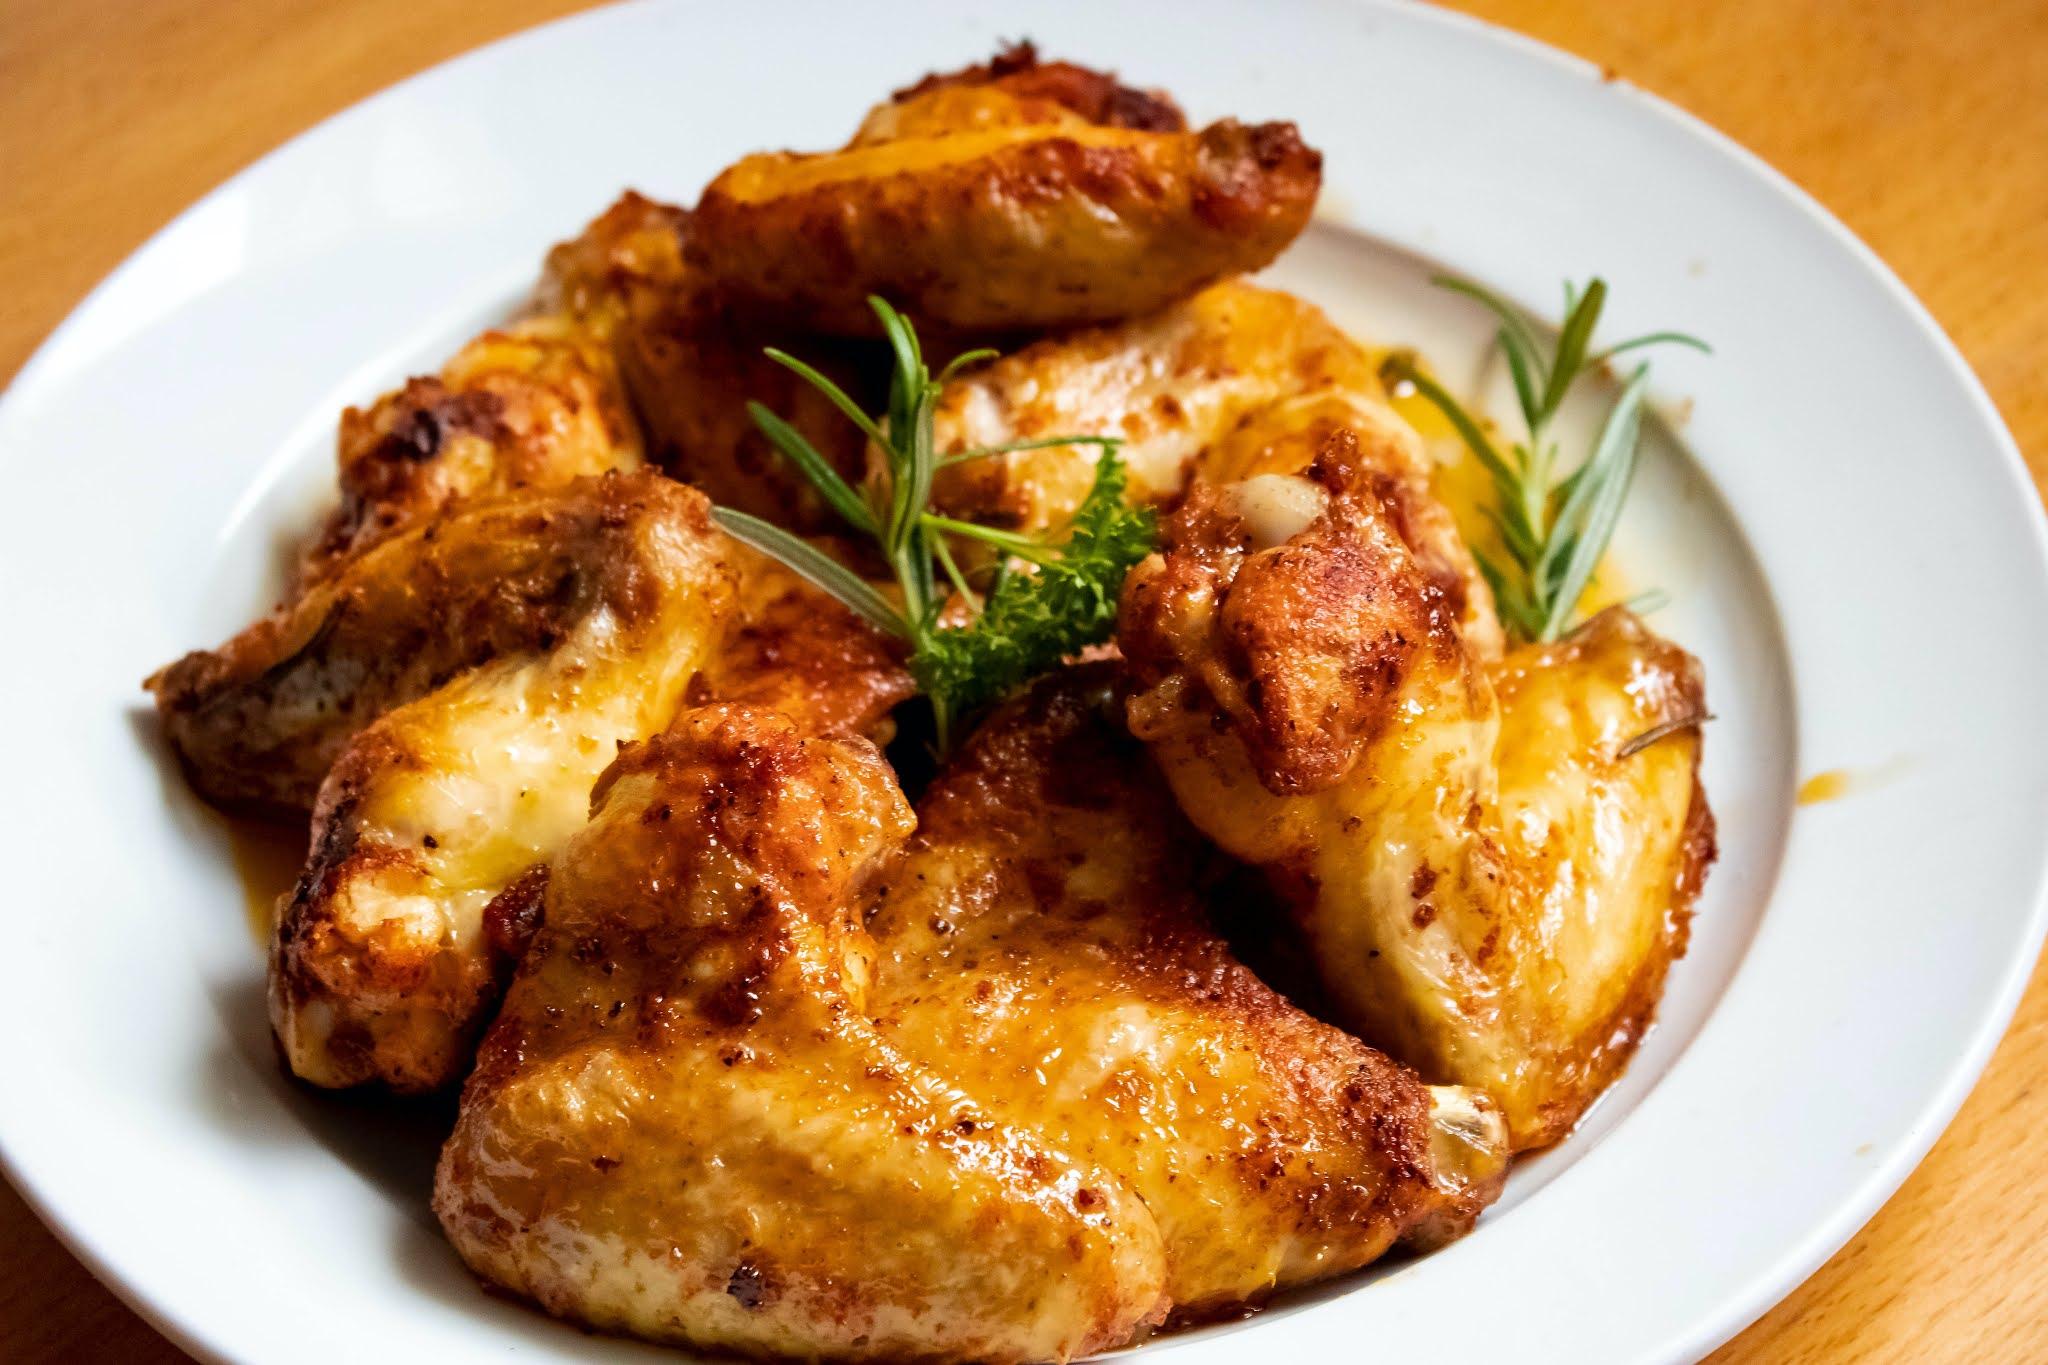 وصفة الدجاج مع الفاصولياء